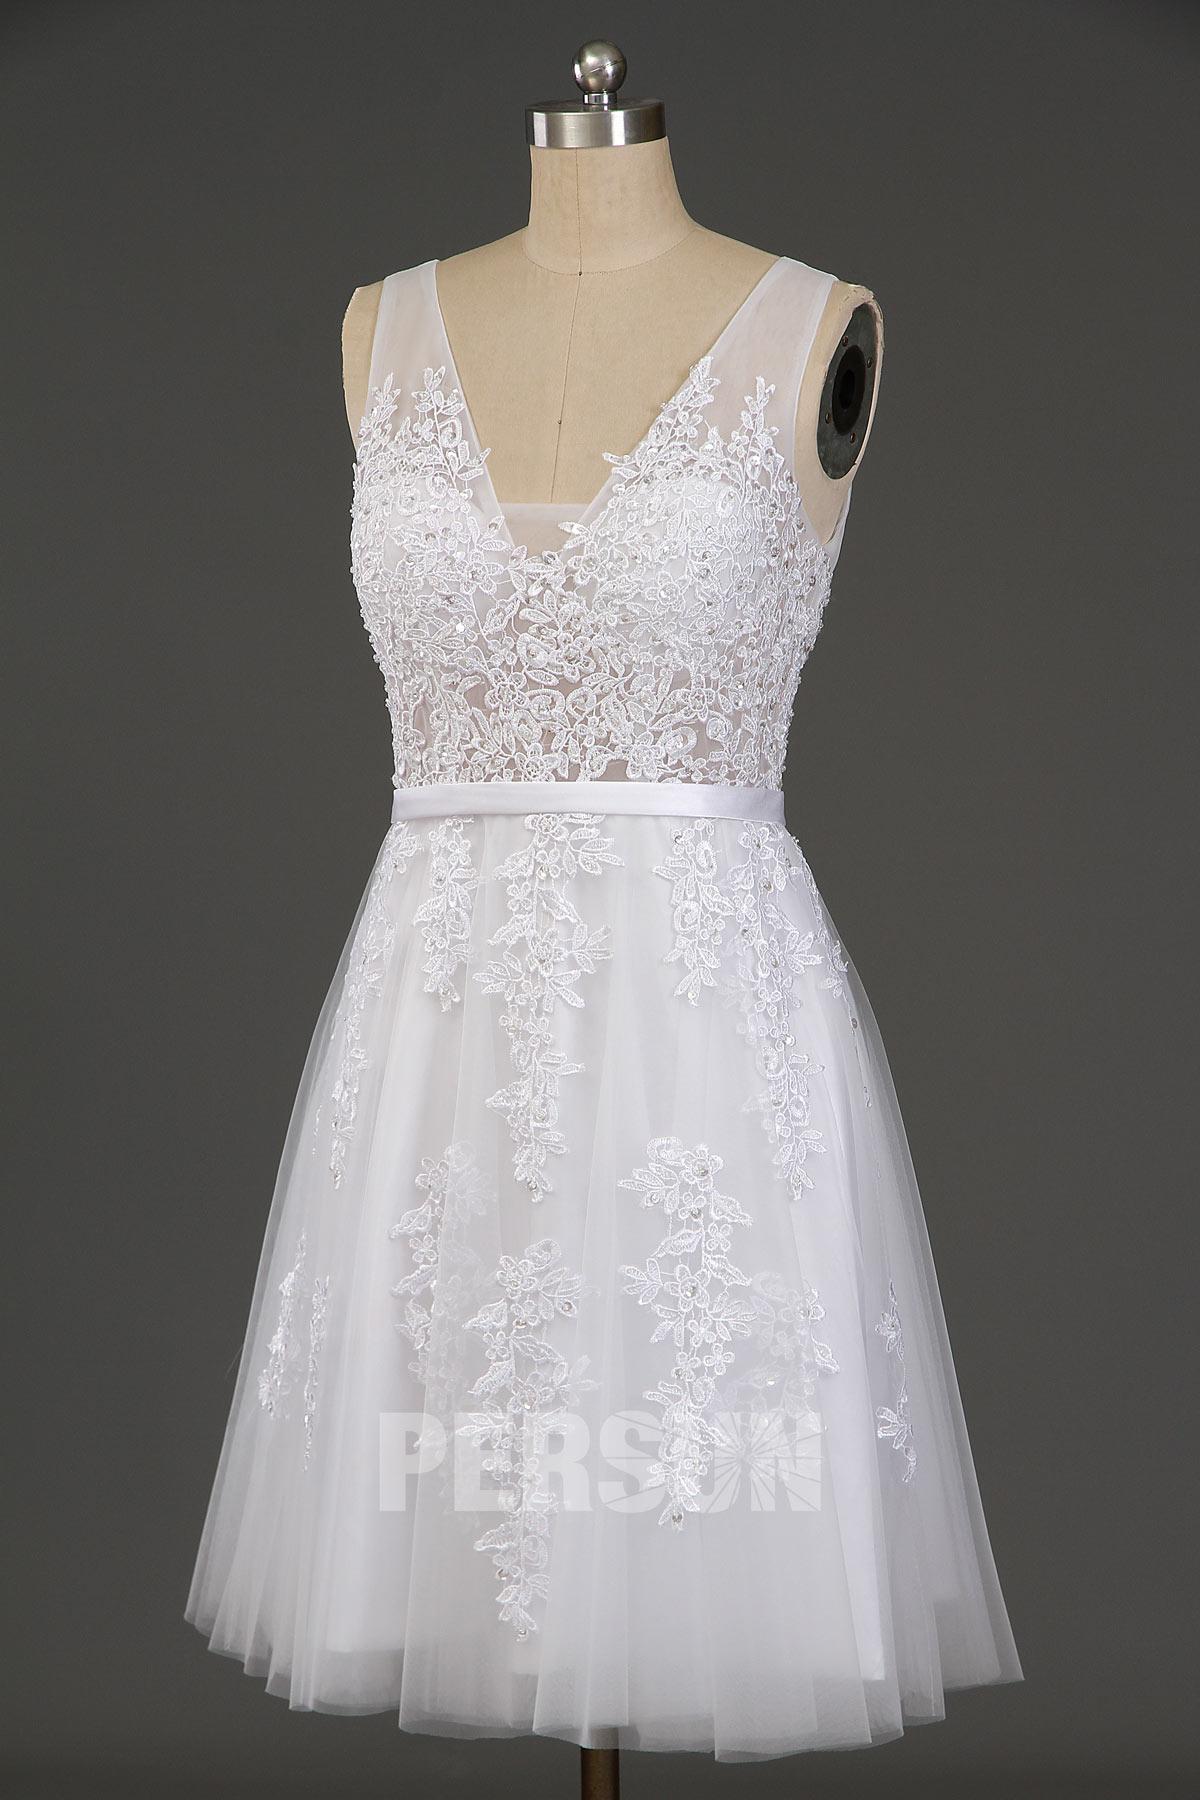 robe de cocktail blanche princesse courte en dentelle appliquée ornée de strass col en v